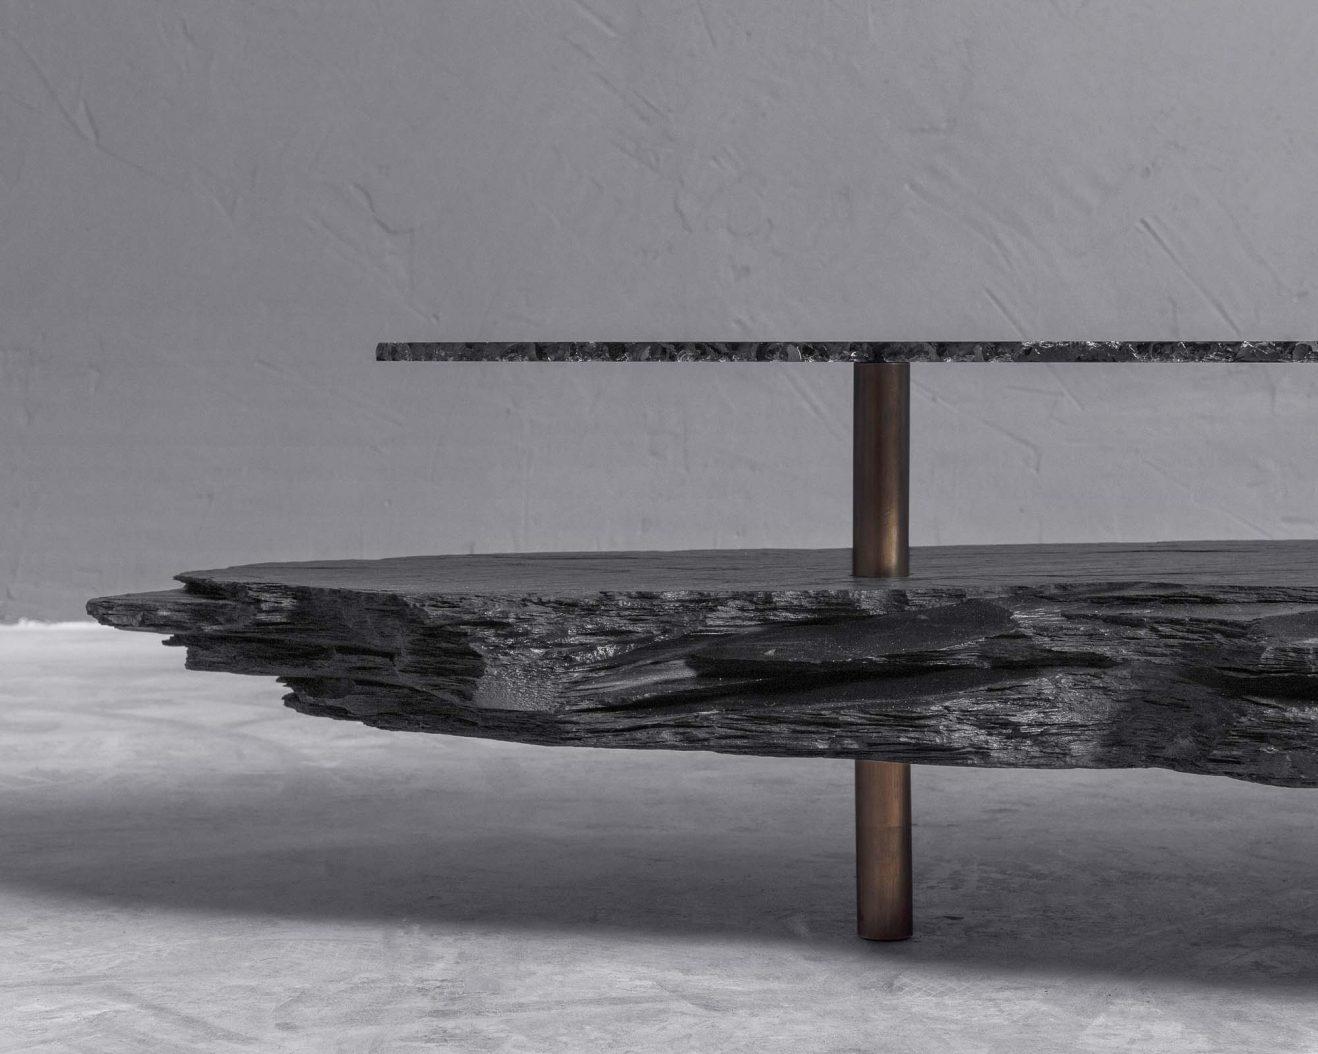 Frederic-Saulou-Hardie-Coffee Table-Savannah Bay Gallery-2